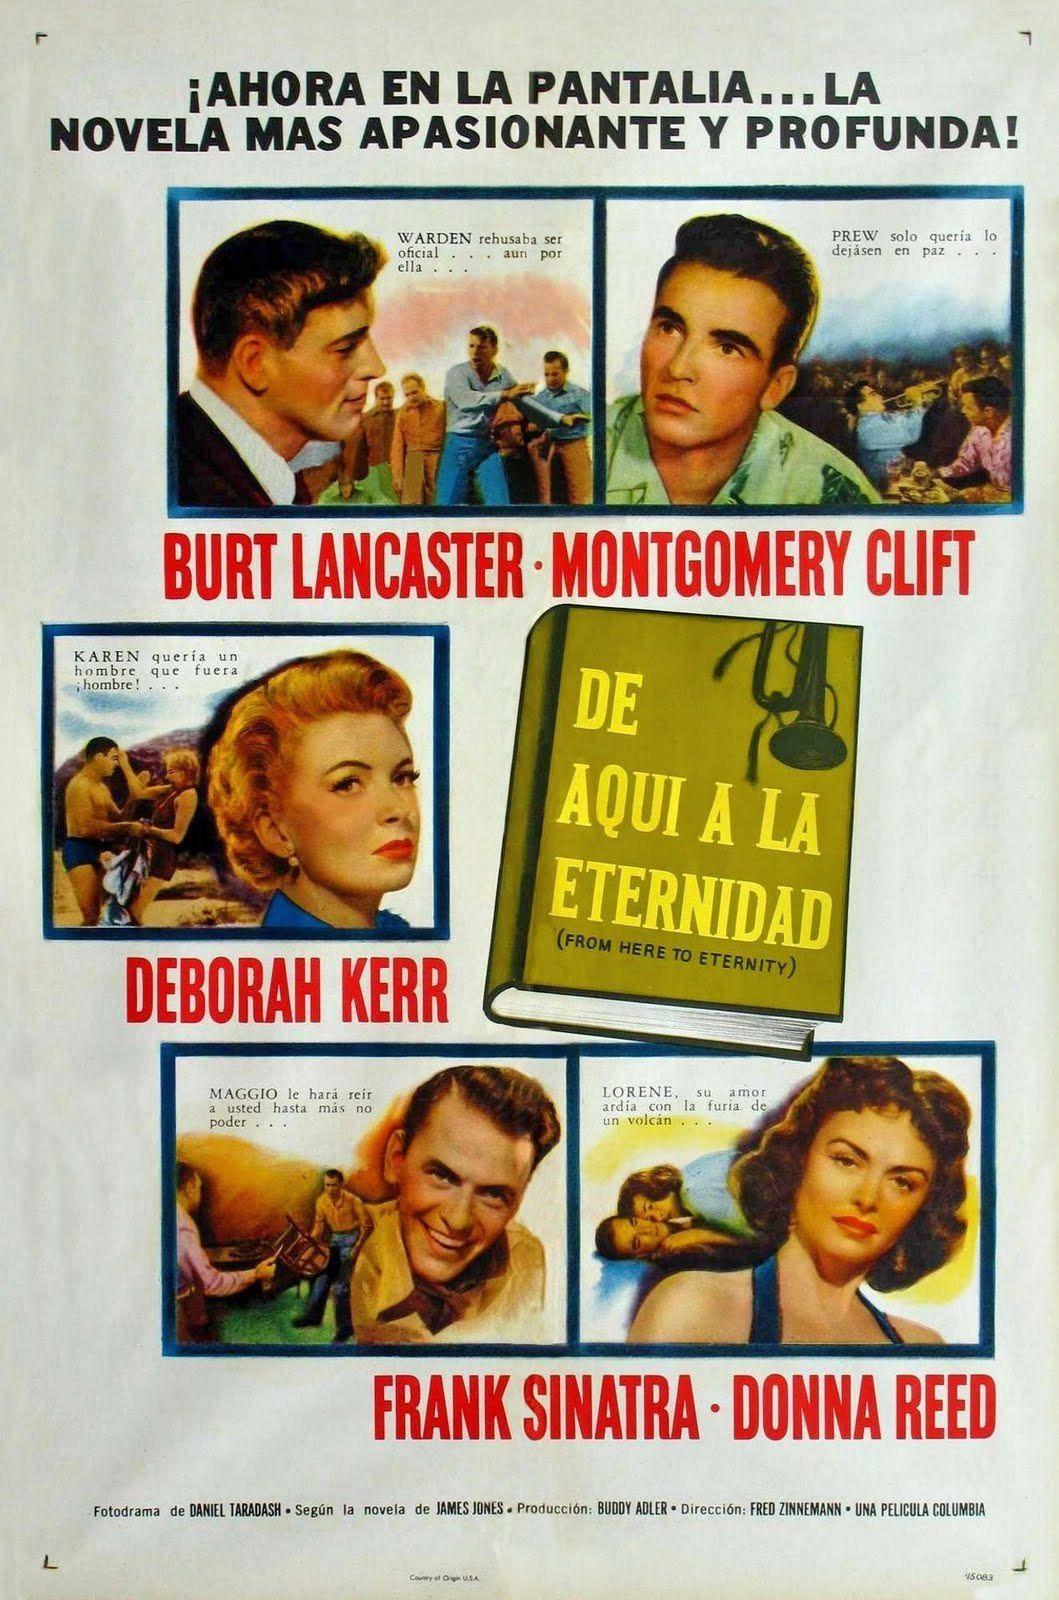 De Aquí A La Eternidad From Here To Eternity De Fred Zinnemann 1953 Películas Completas Frank Sinatra Eternidad